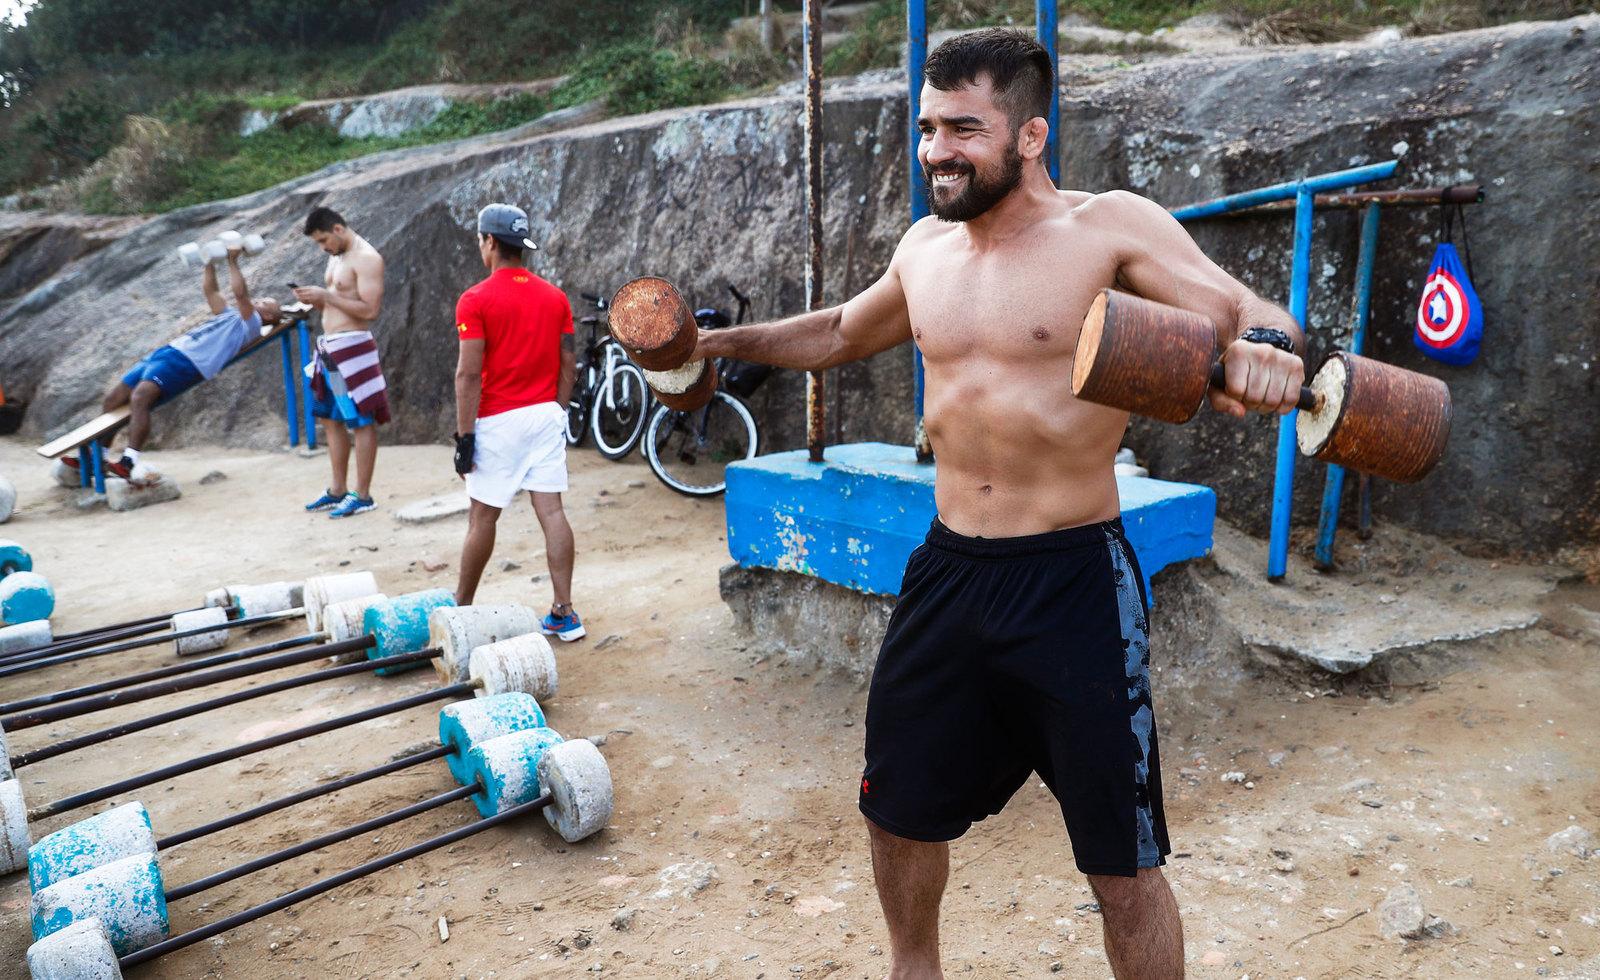 Некоторые бразильцы предпочитают заниматься в импровизированных тренажерных залах под открытым небом